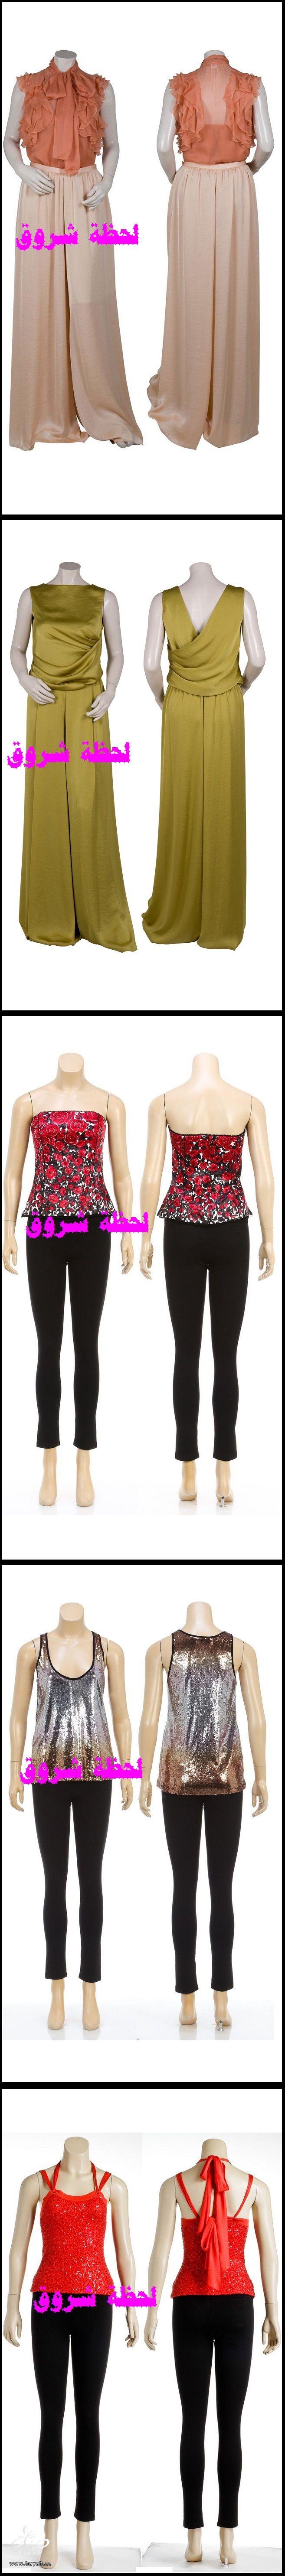 تشكيلة جديده من ملابس سبورت hayahcc_1435532477_623.jpg